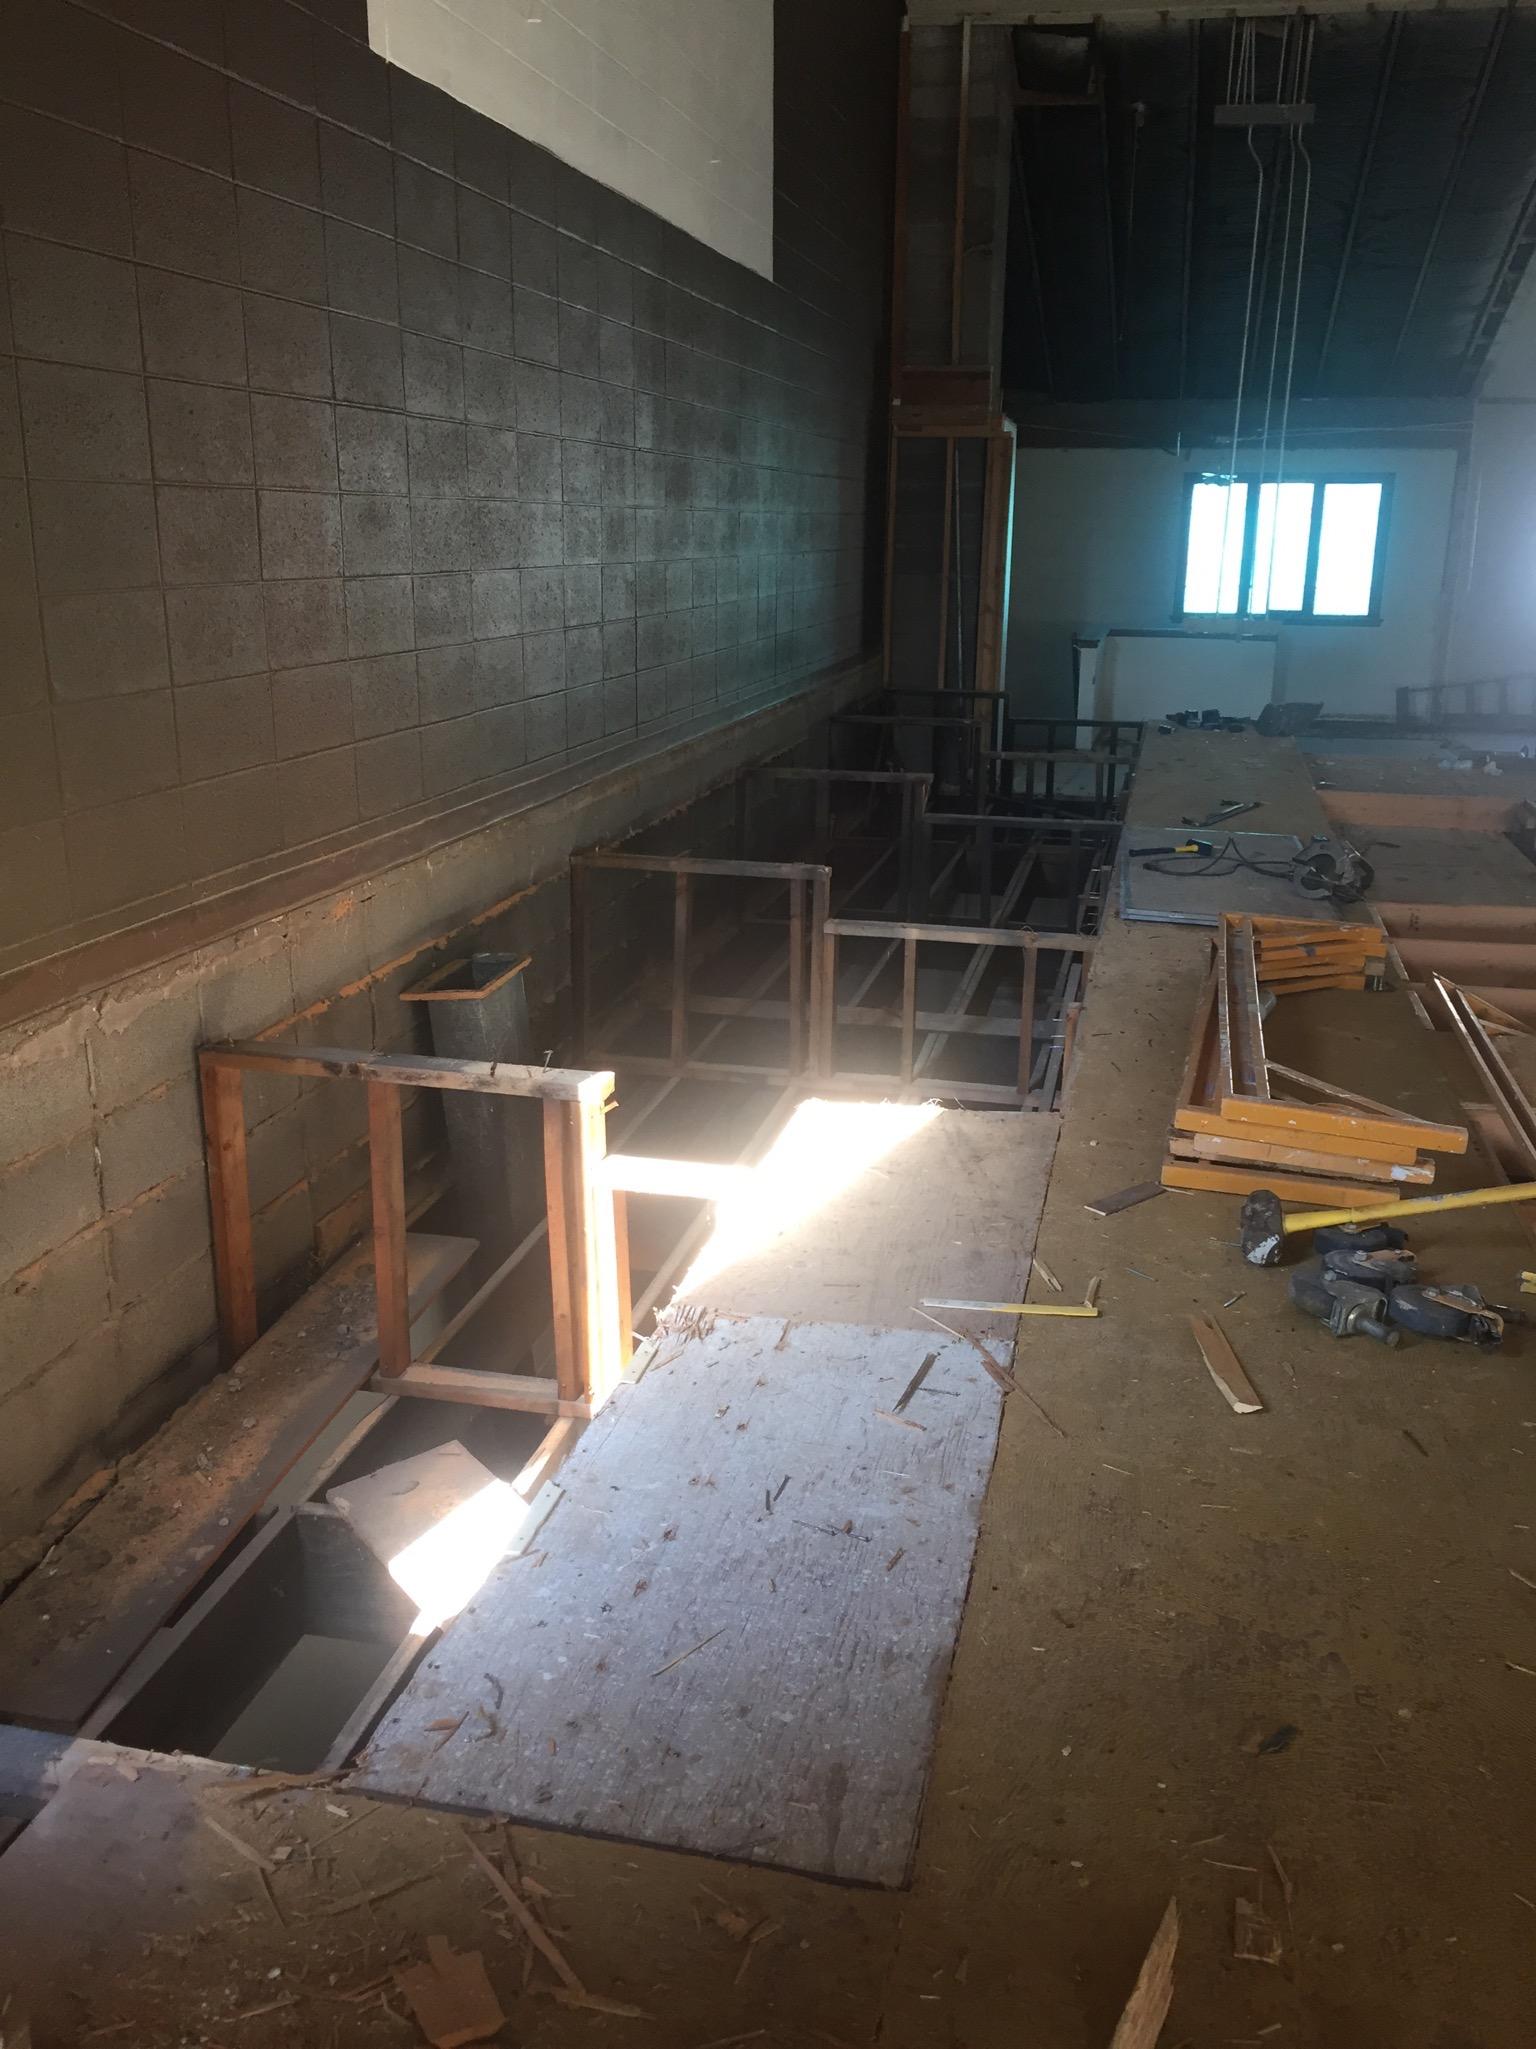 3. Demolition #2